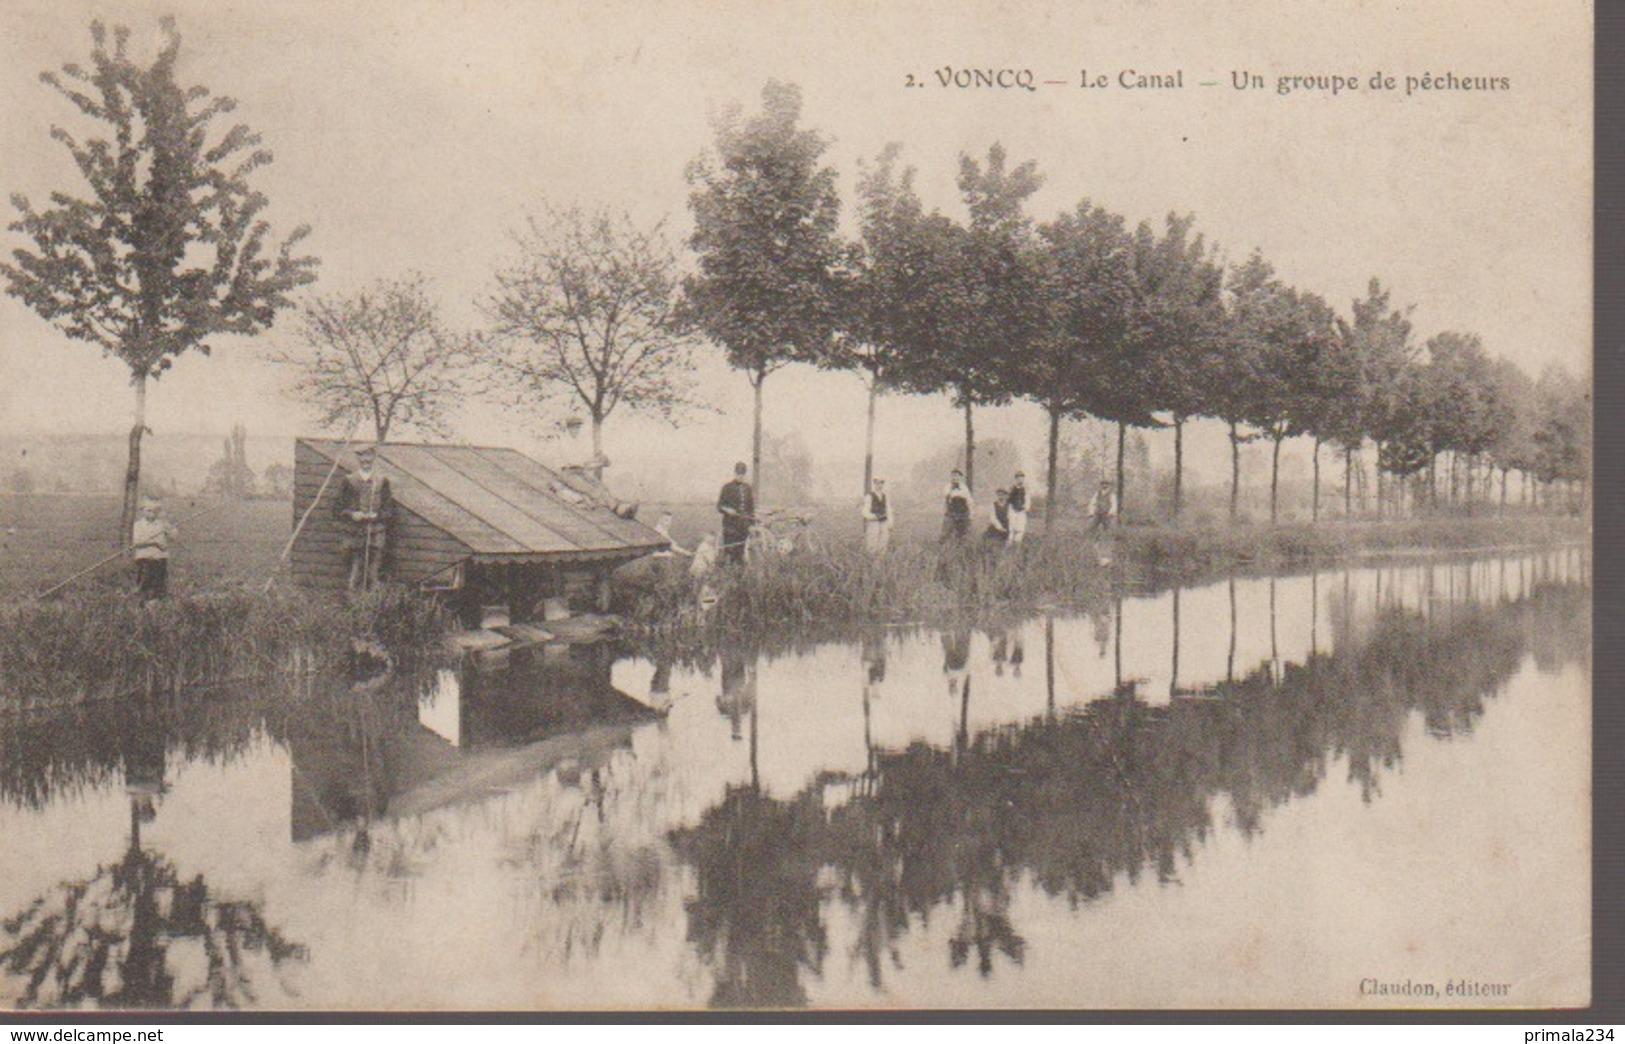 VONCQ - LE CANAL - UN GROUPE DE PECHEURS - France